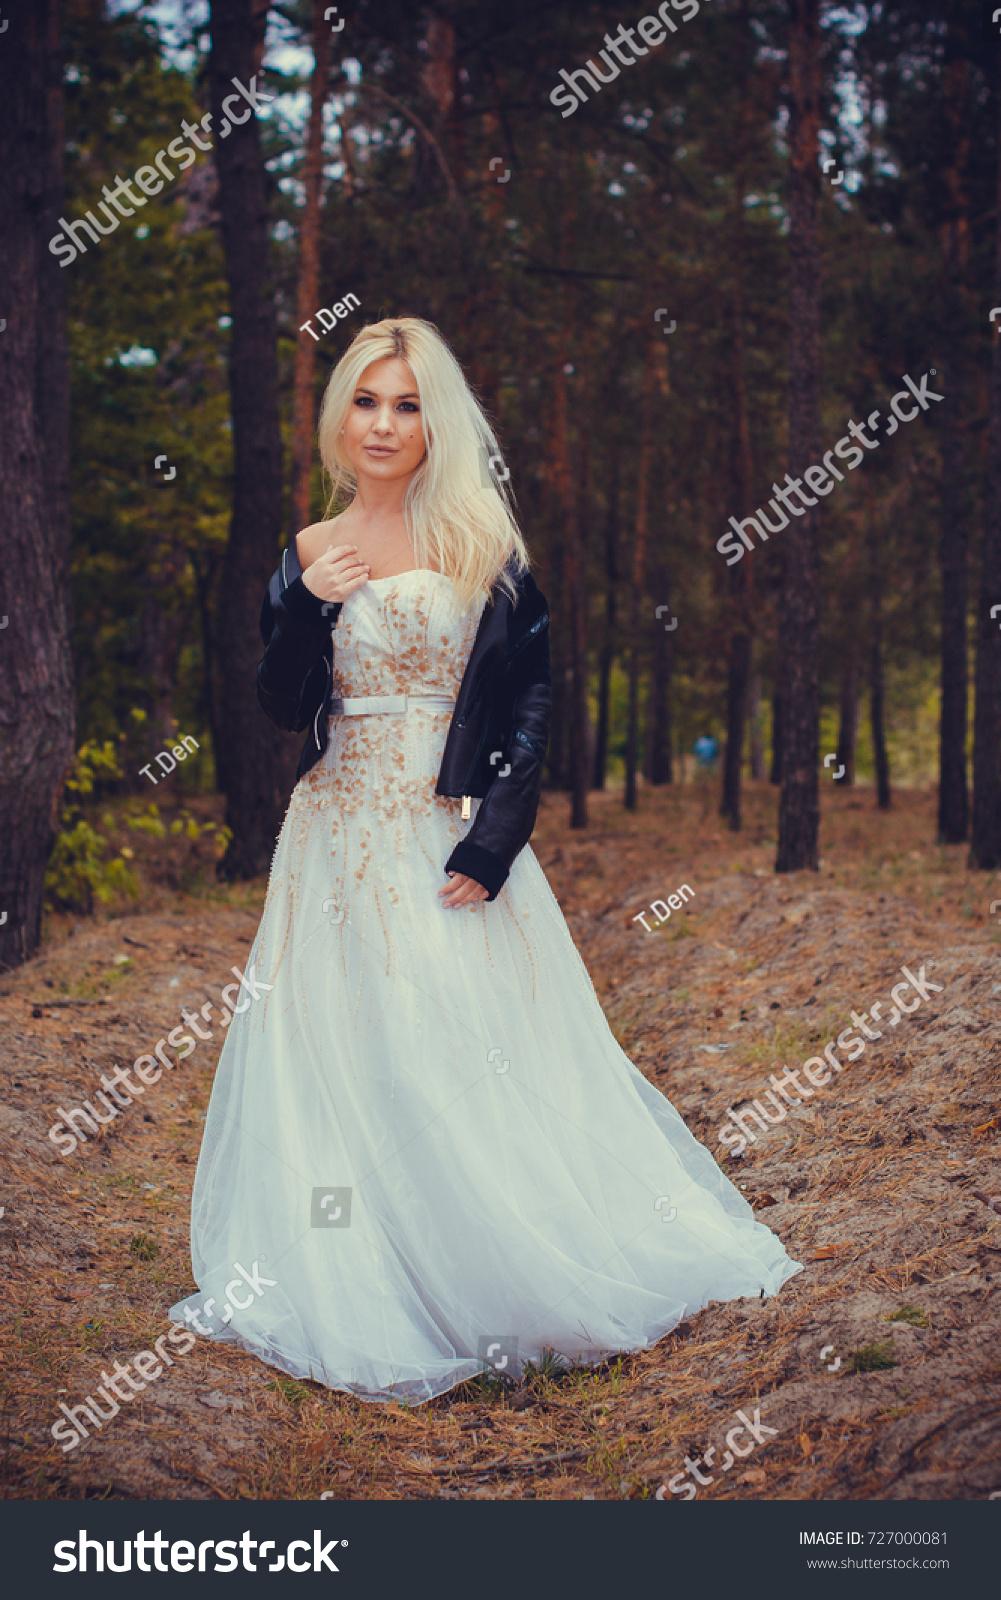 Runaway Bride Wedding Dress Leather Jacket Stock Photo (Safe to Use ...